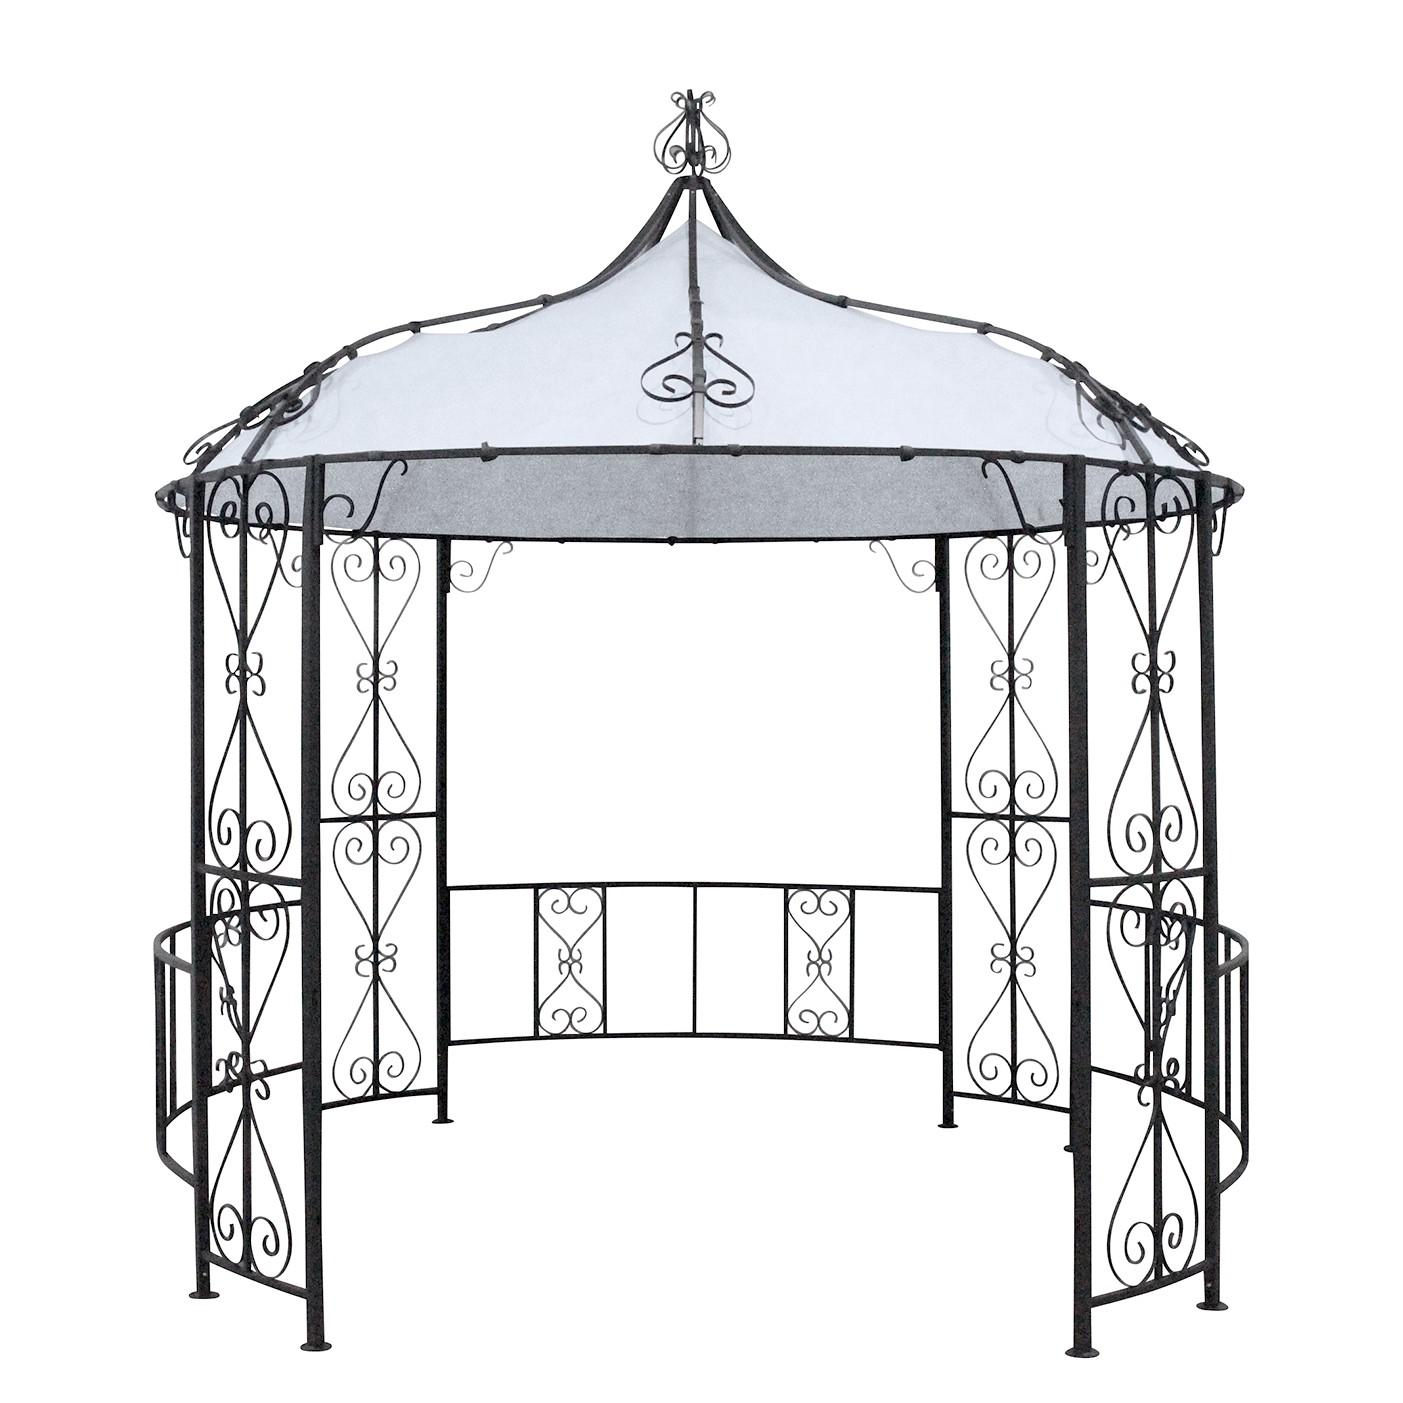 Paviljoentent Kasteeltuin Romantiek - geweven stof/staal - lichtgrijs/antracietkleurig, Leco